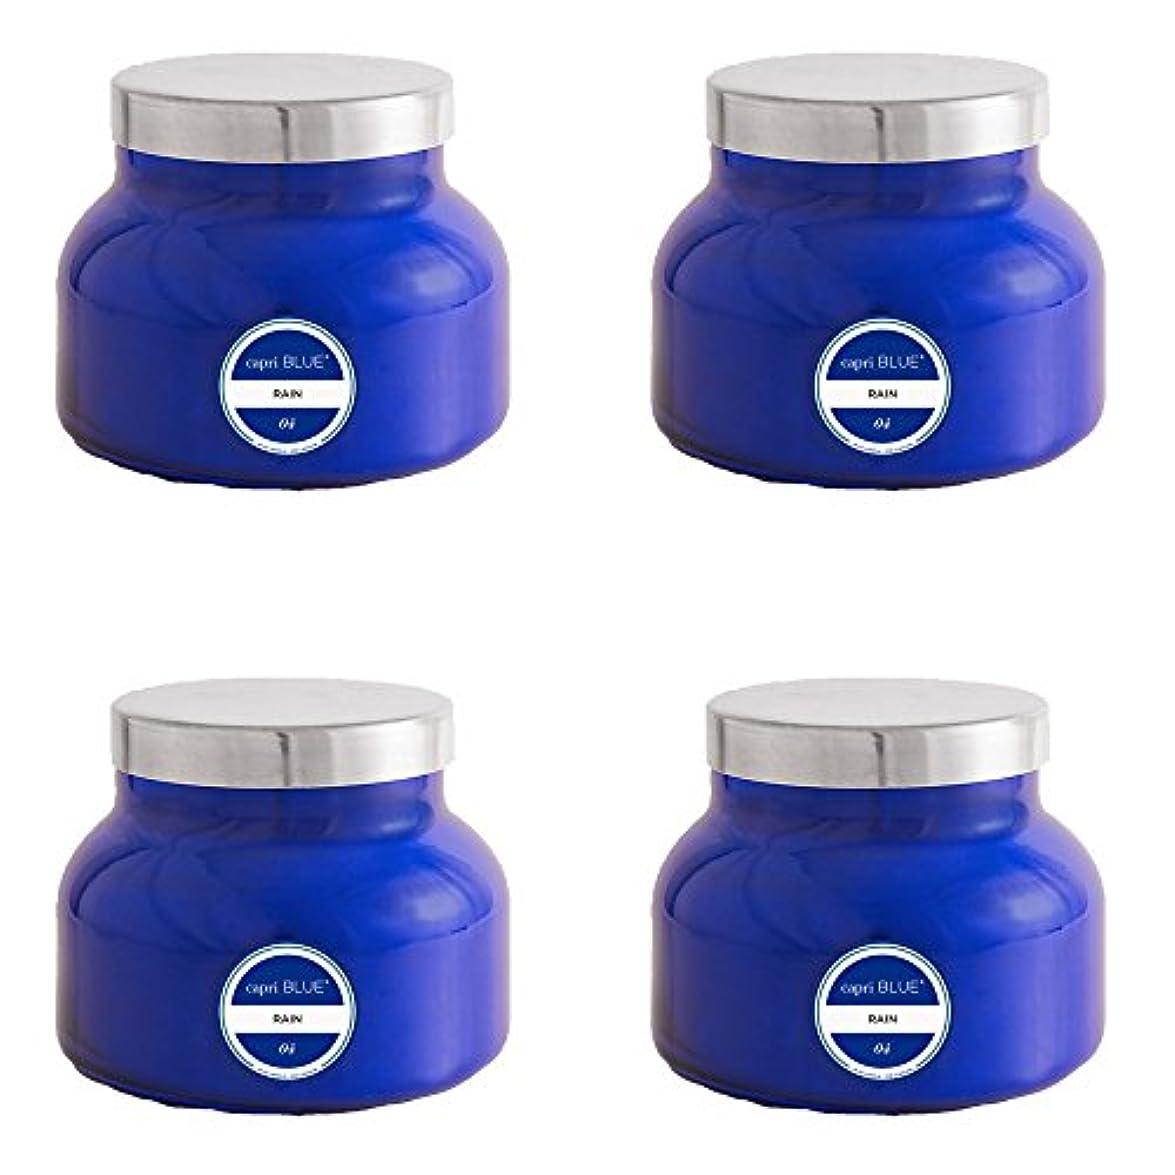 変化する原因前文カプリブルー19 oz署名雨Jar Candle4パック、Volcano、1サイズ